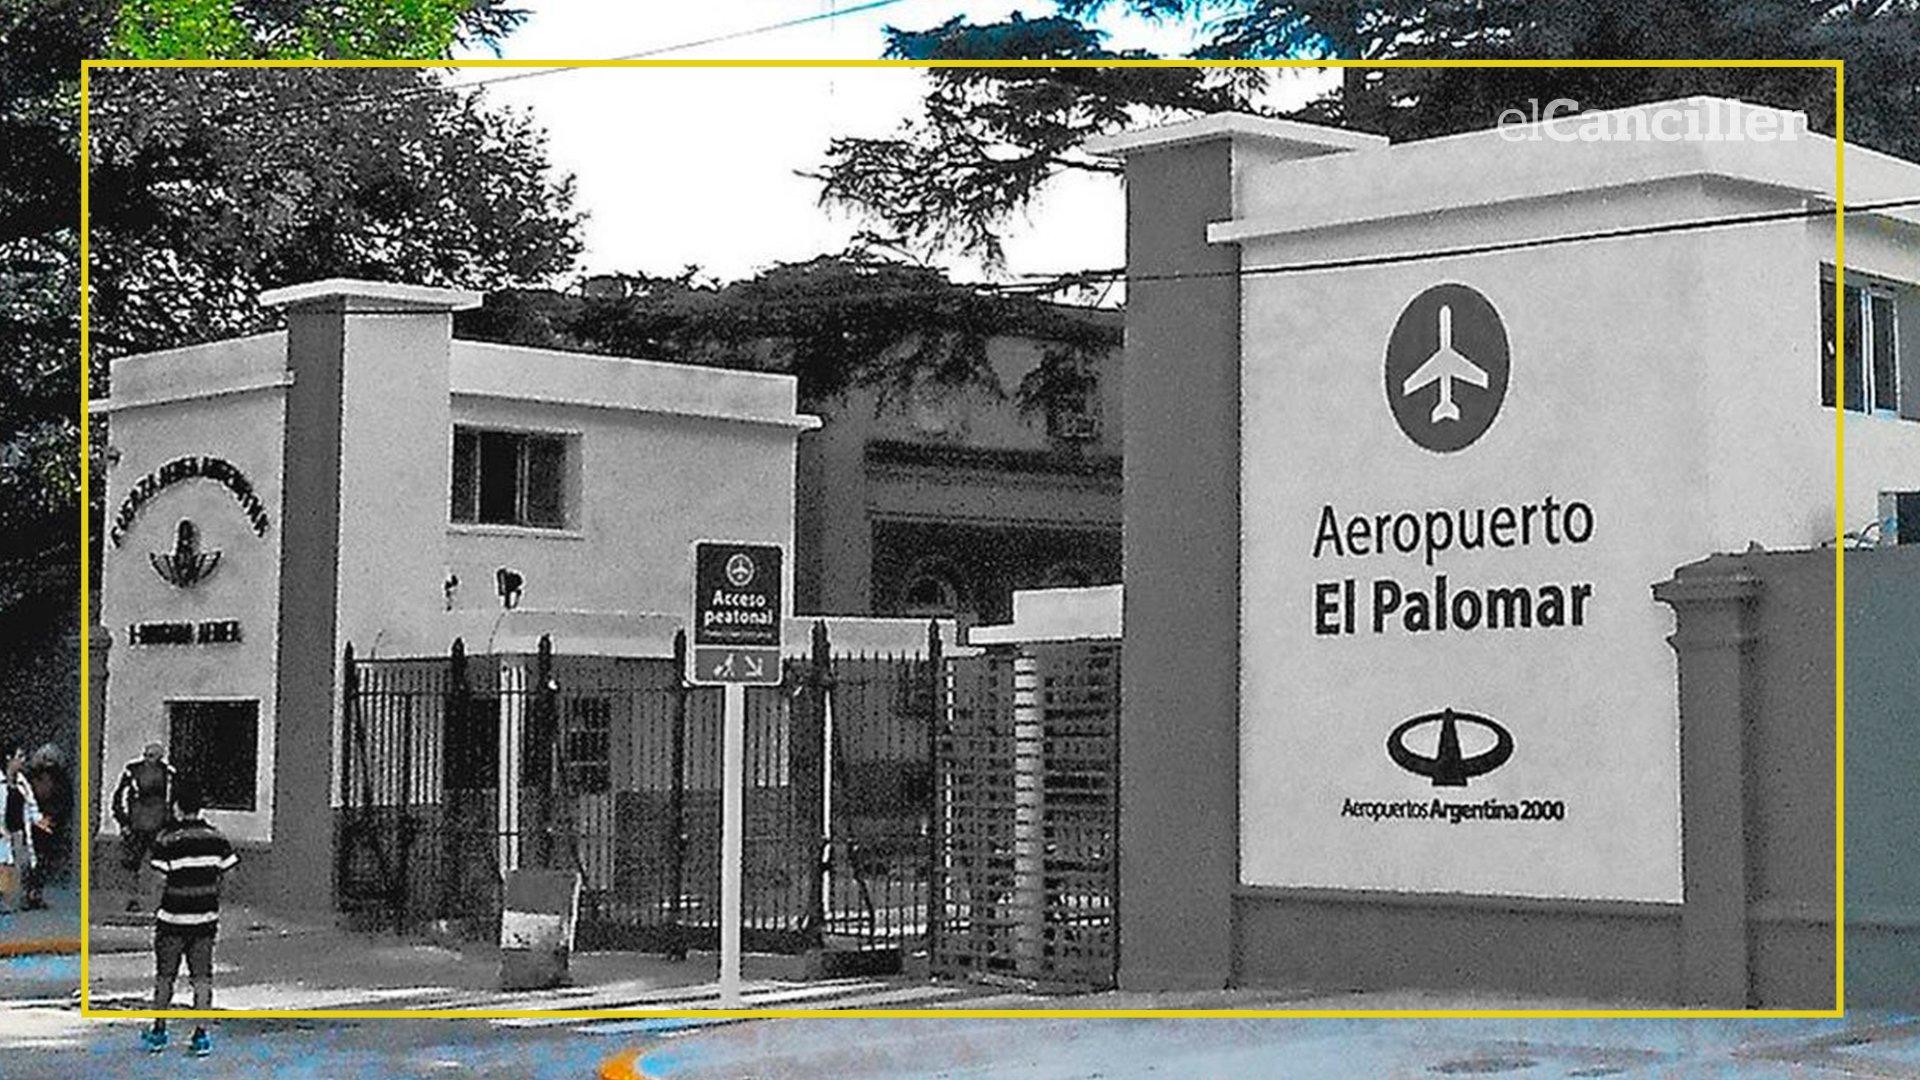 AeropuertoElPalomar